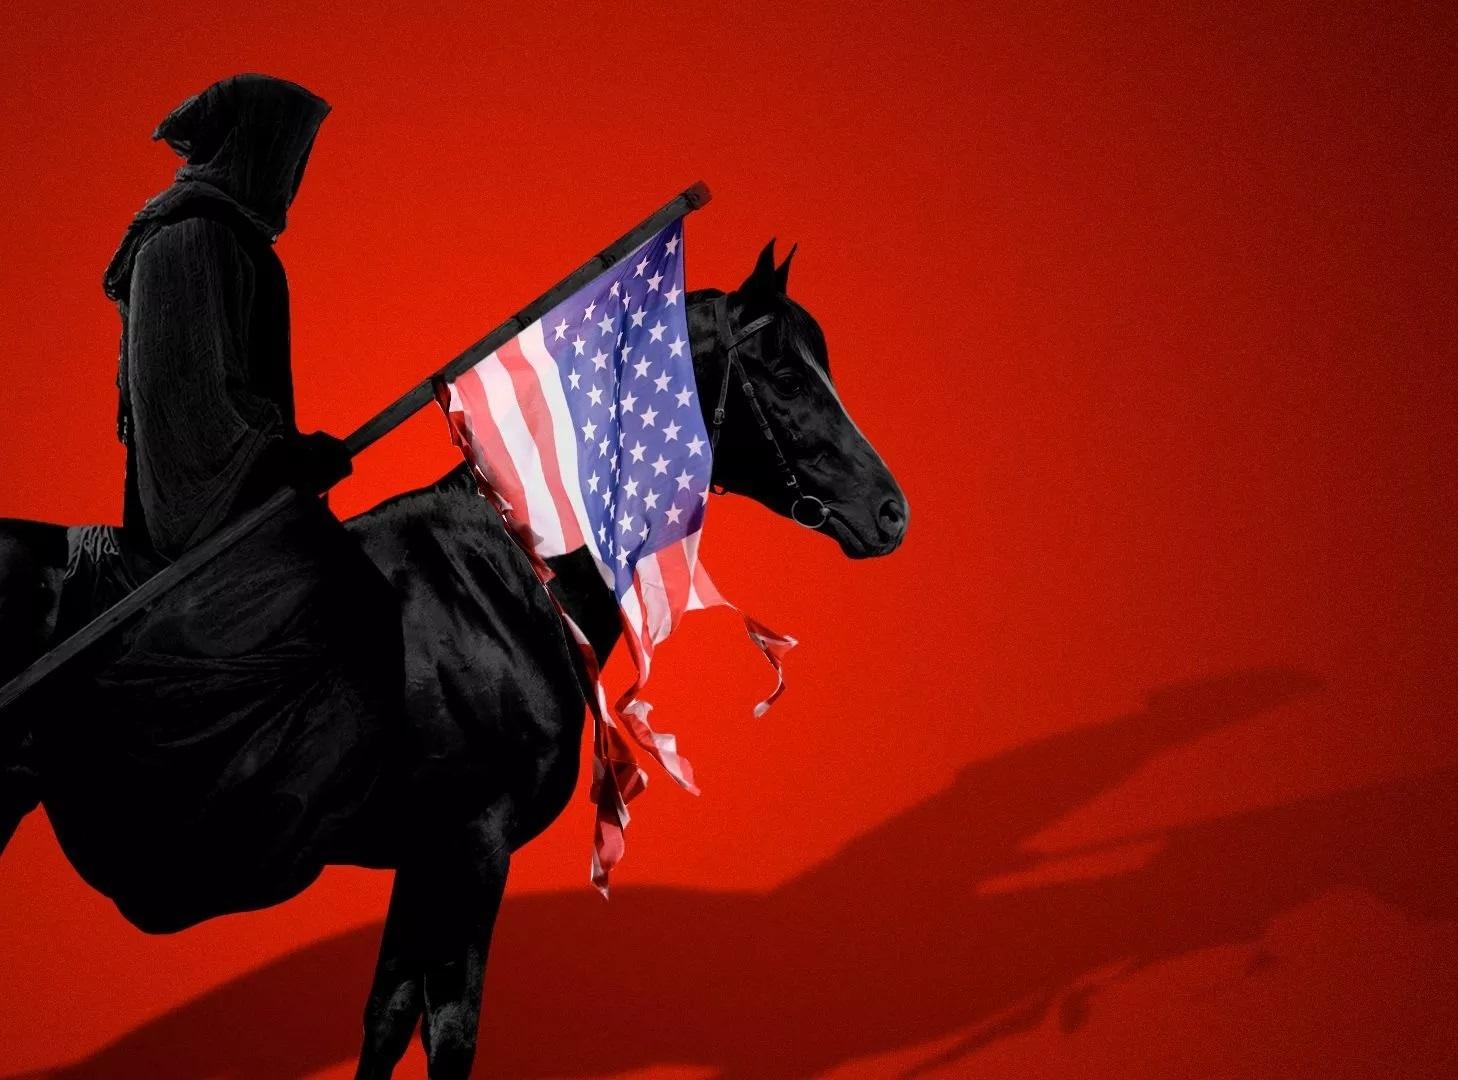 سناریوی «آخرالزمانی» درمورد روز پس از انتخابات در آمریکا | بازی خطرناکی که ترامپ با الکتورال ها می خواهد به راه بیاندازد